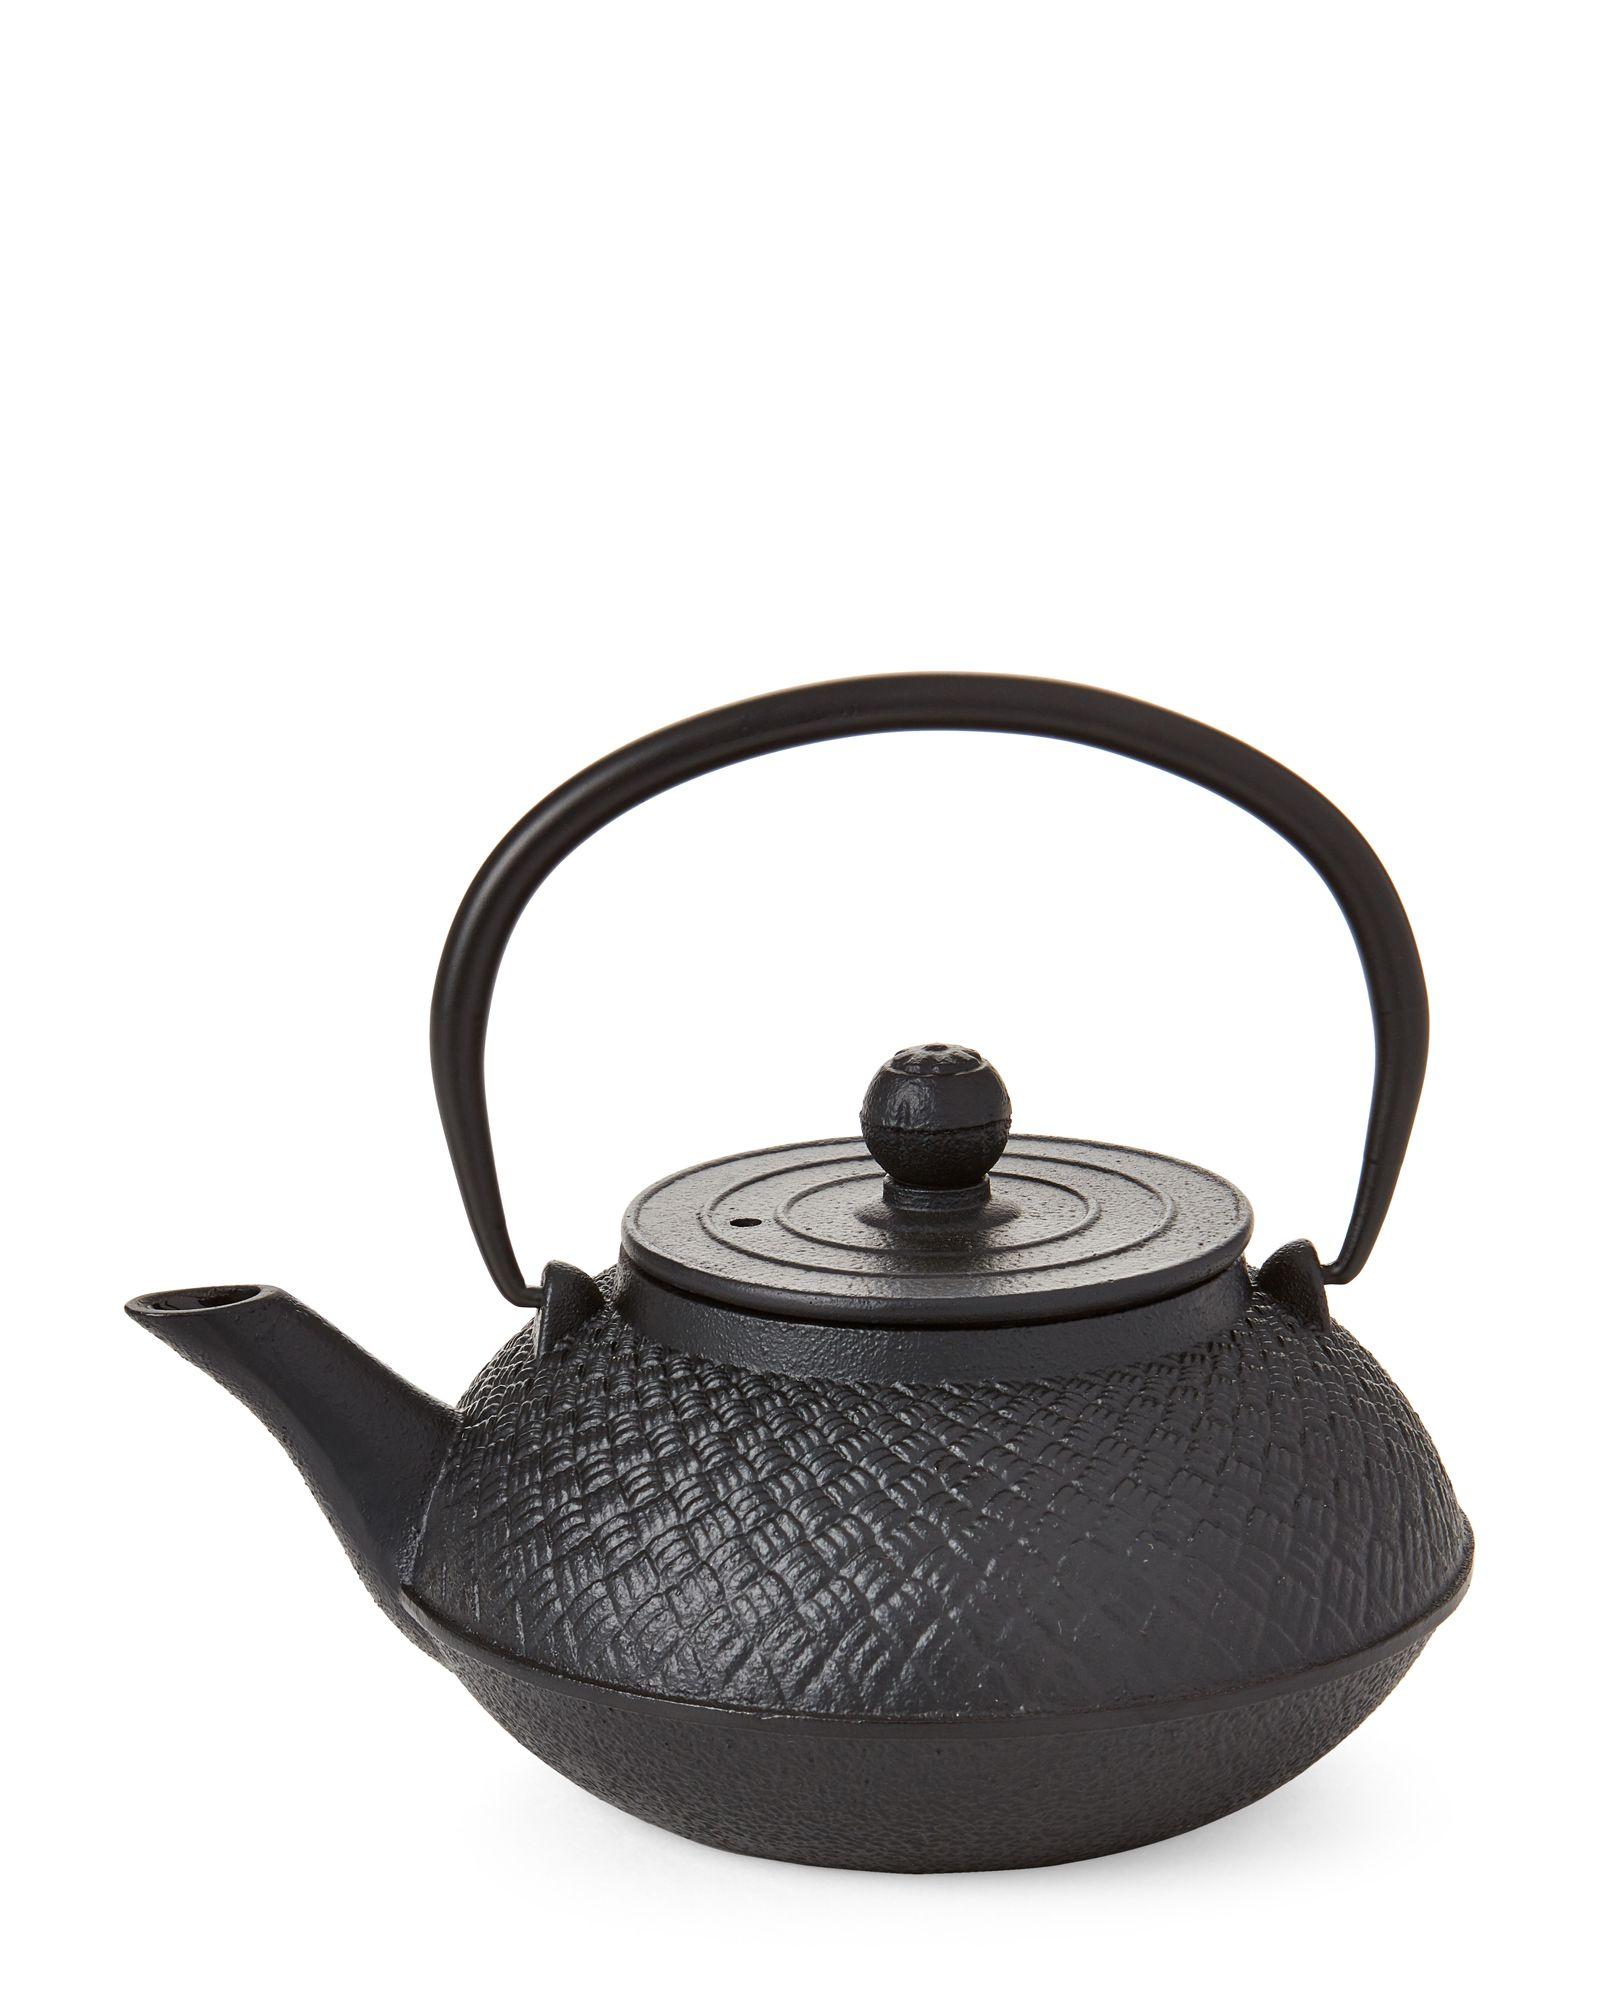 Just Teazen Cast Iron Tea Kettle Tea set, Espresso